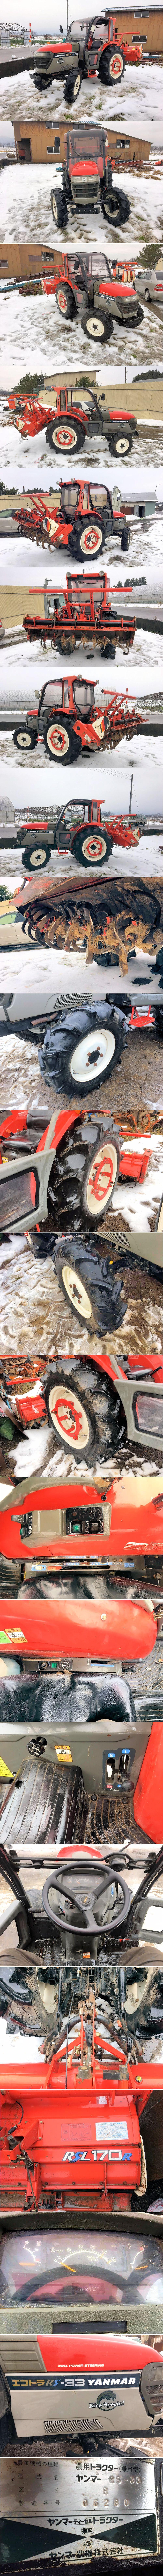 ヤンマー トラクター エコトラ RS-33 パワステ 逆転PTO 33馬力 ワンタッチヒッチ 外装ピカピカ 美品中古